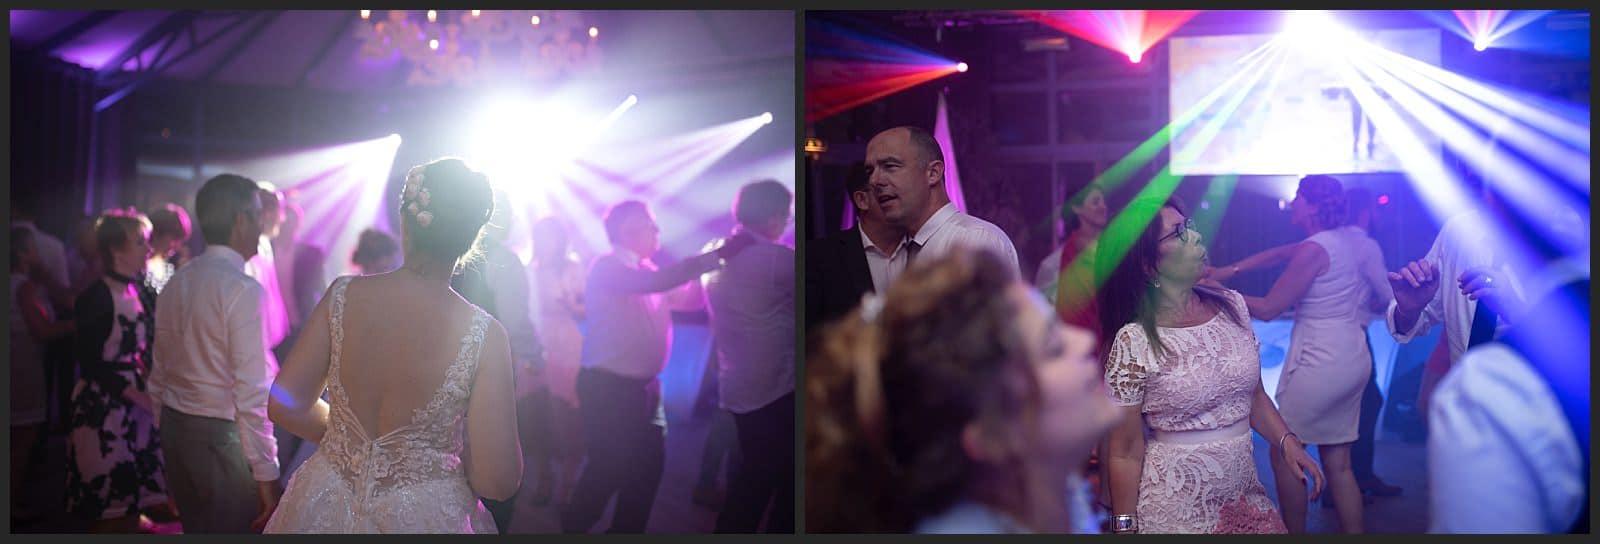 Mariée qui danse avec ses invités aux clos des cèdres par le dj la cerise sur le gateau.